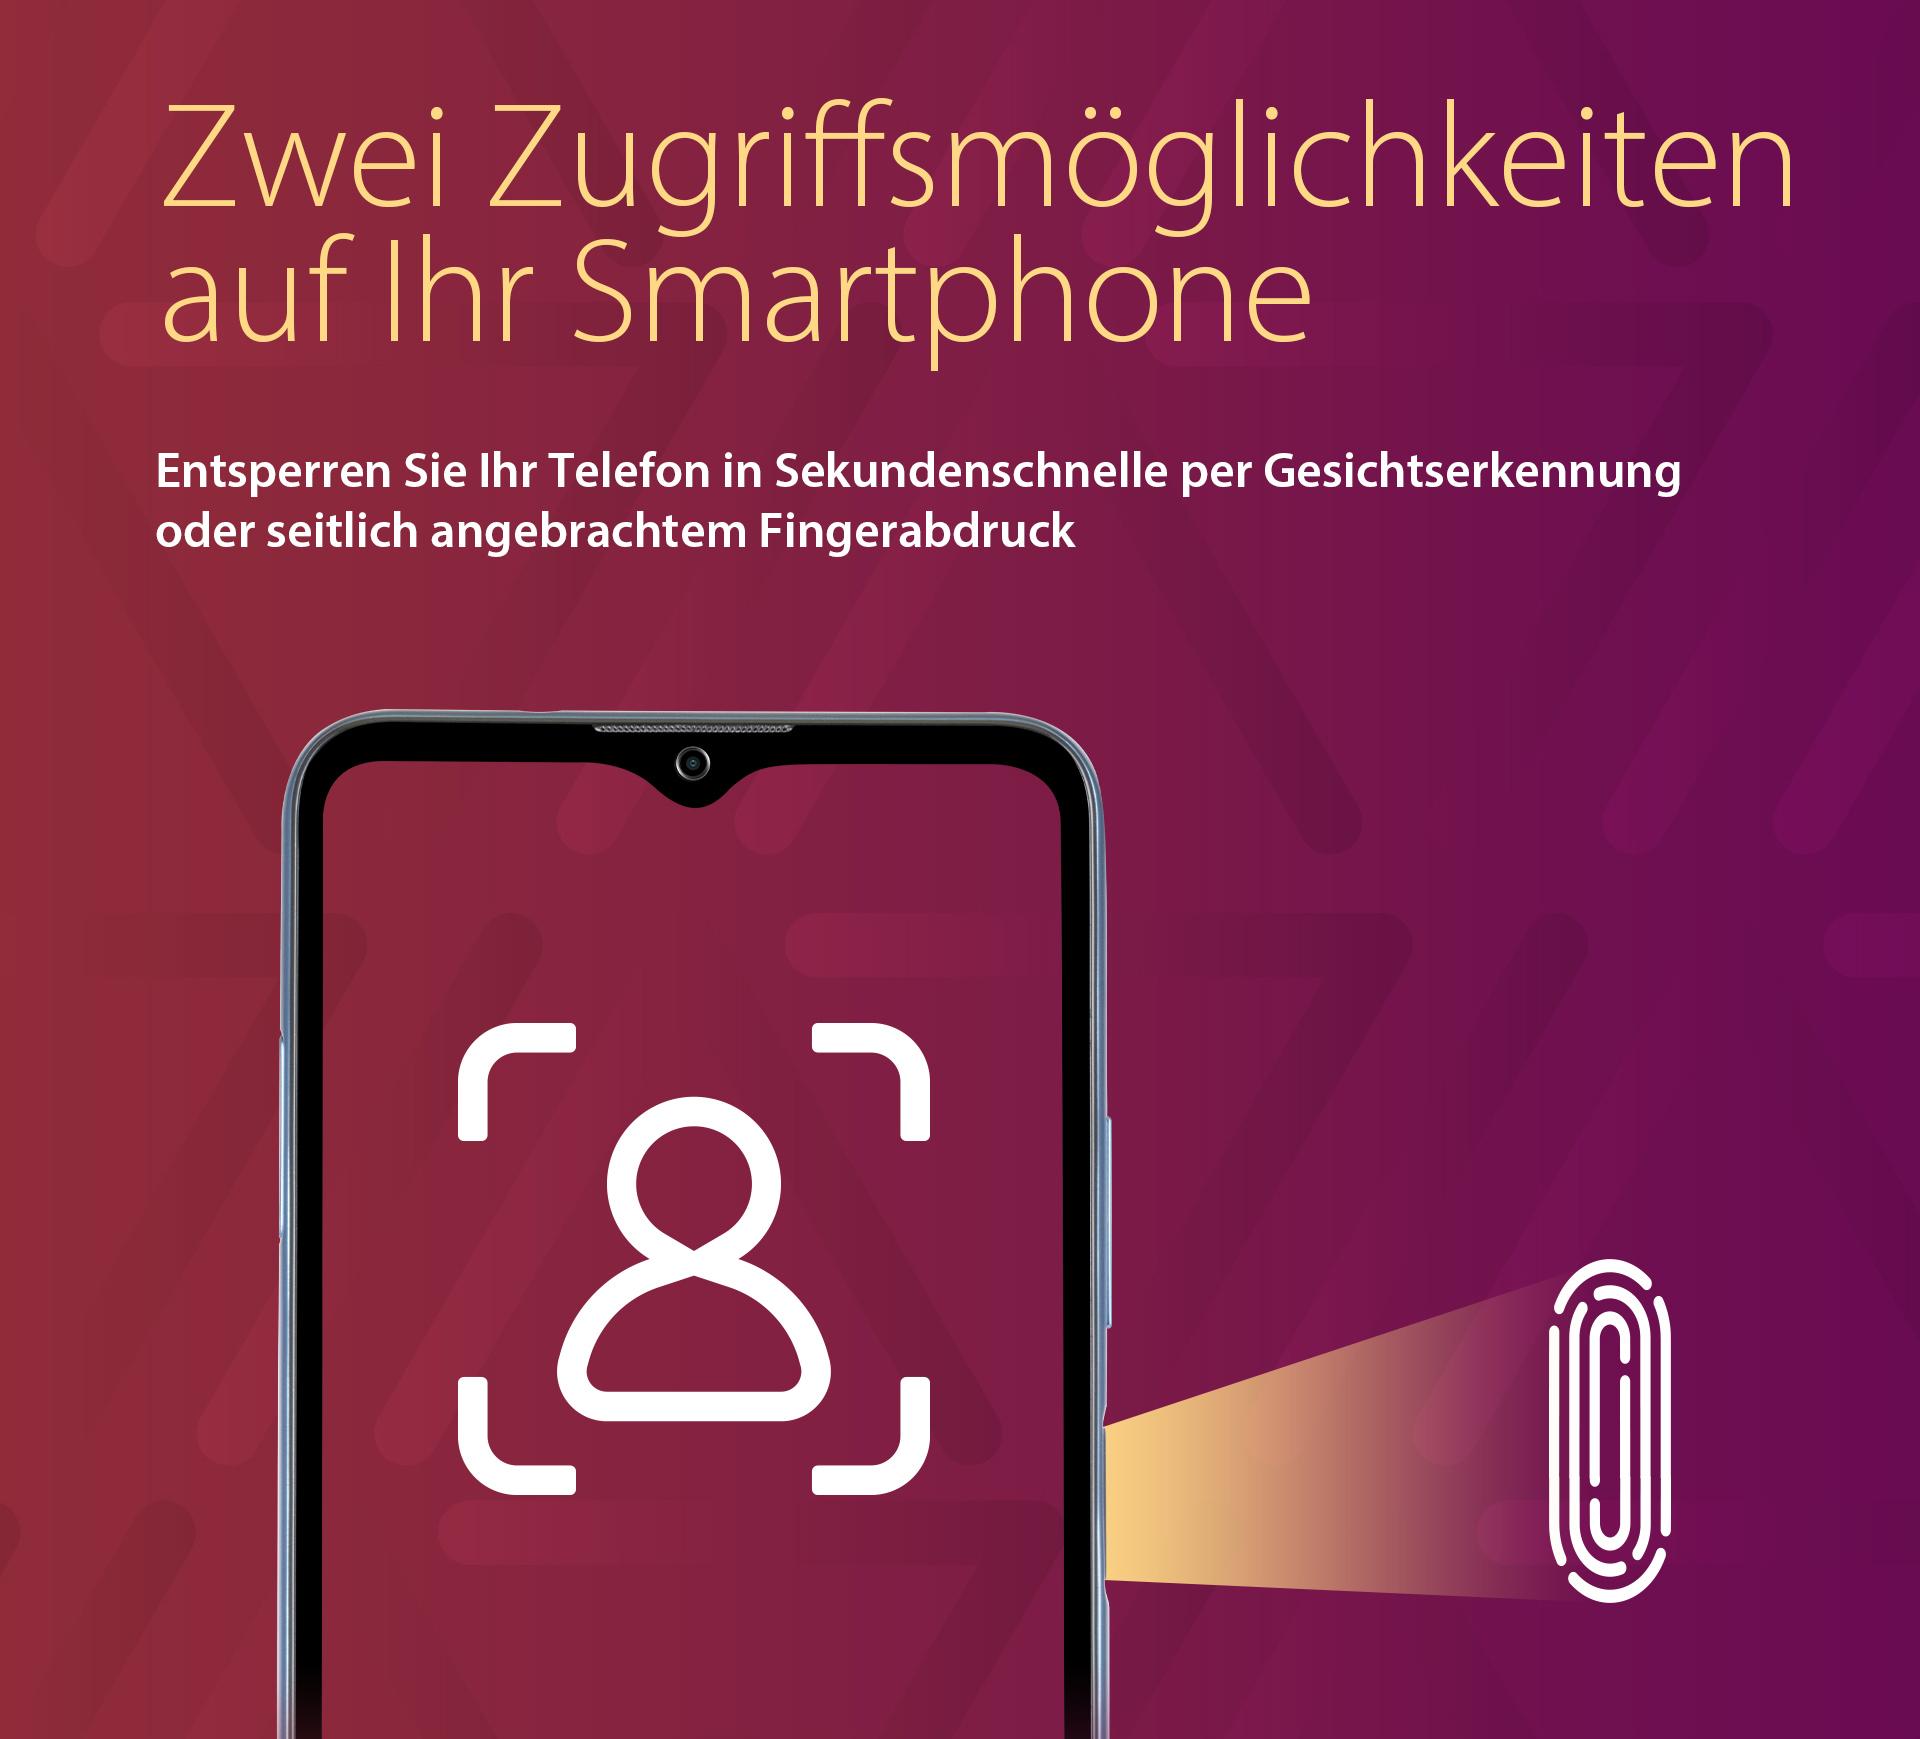 ZTE Blade A71 mit zwei Zugriffsmöglichkeiten auf Ihr Smartphone - Entsperren Sie Ihr Telefon in Sekundenschnelle per Gesichtserkennung oder seitlich angebrachten Fingerabdruck